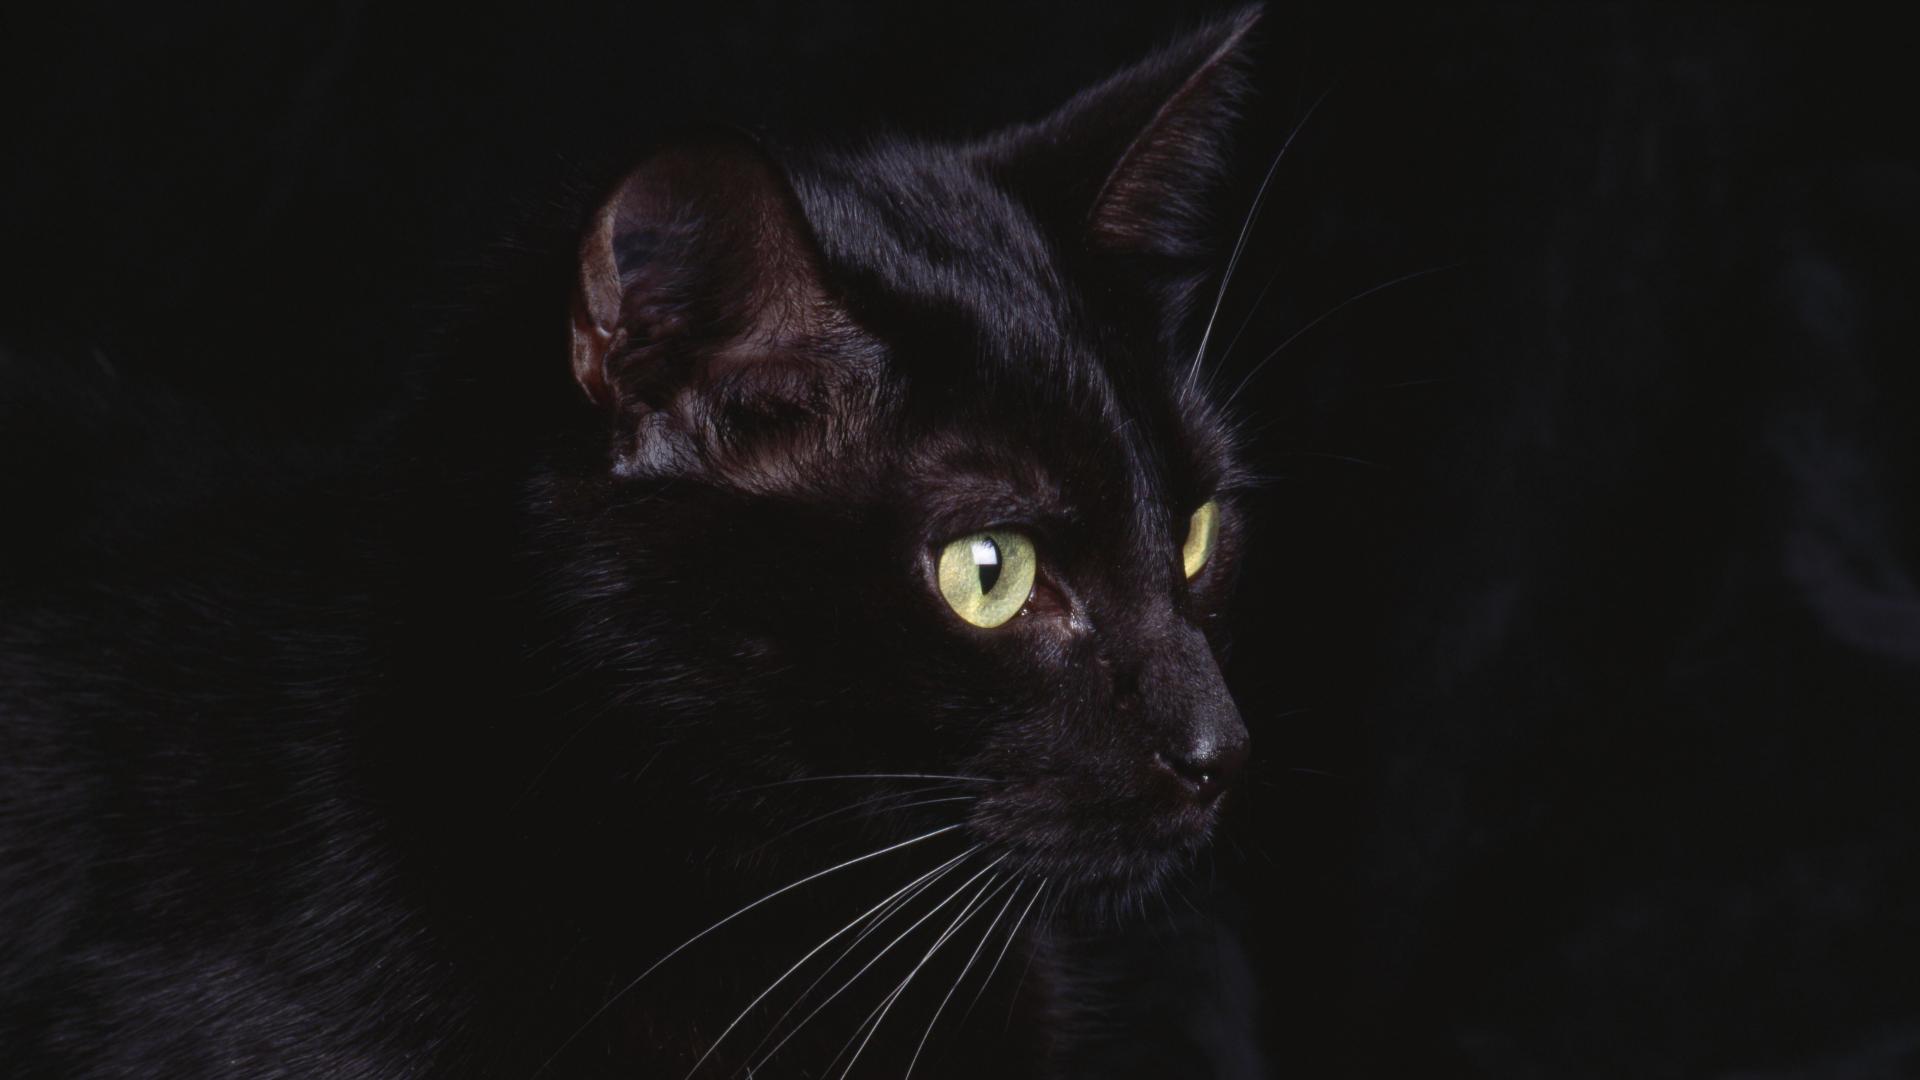 Black Cat 21 Cool Hd Wallpaper 1920x1080